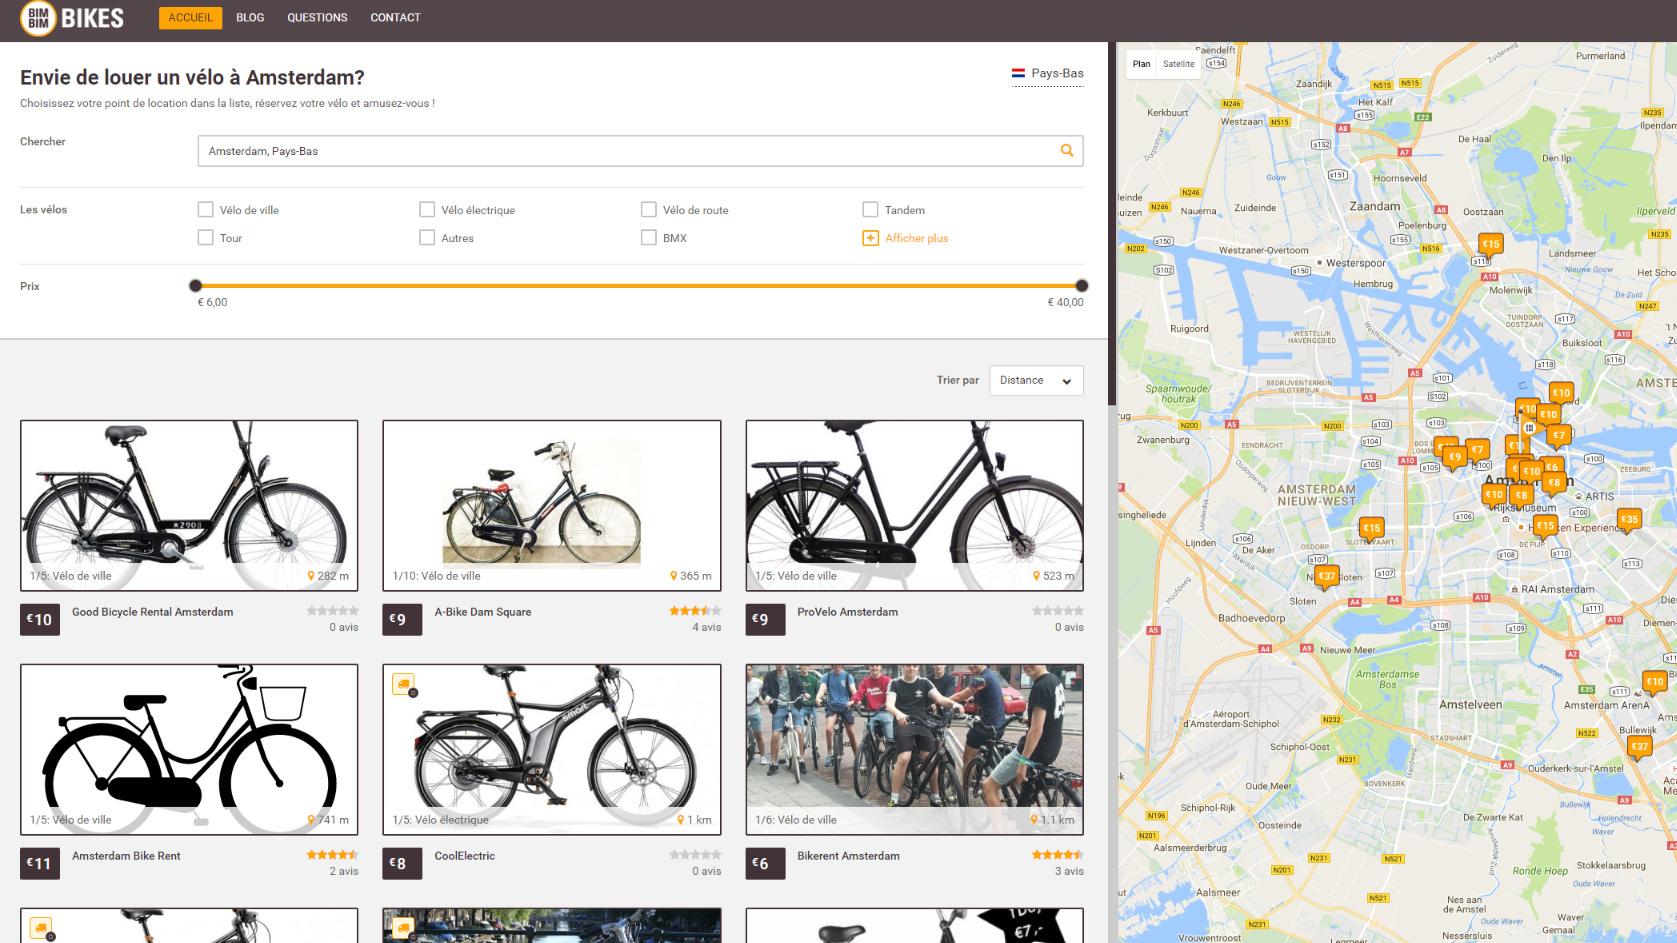 Parcourez l'Amsterdam Dance Event en louant un vélo avec BimBimBikes